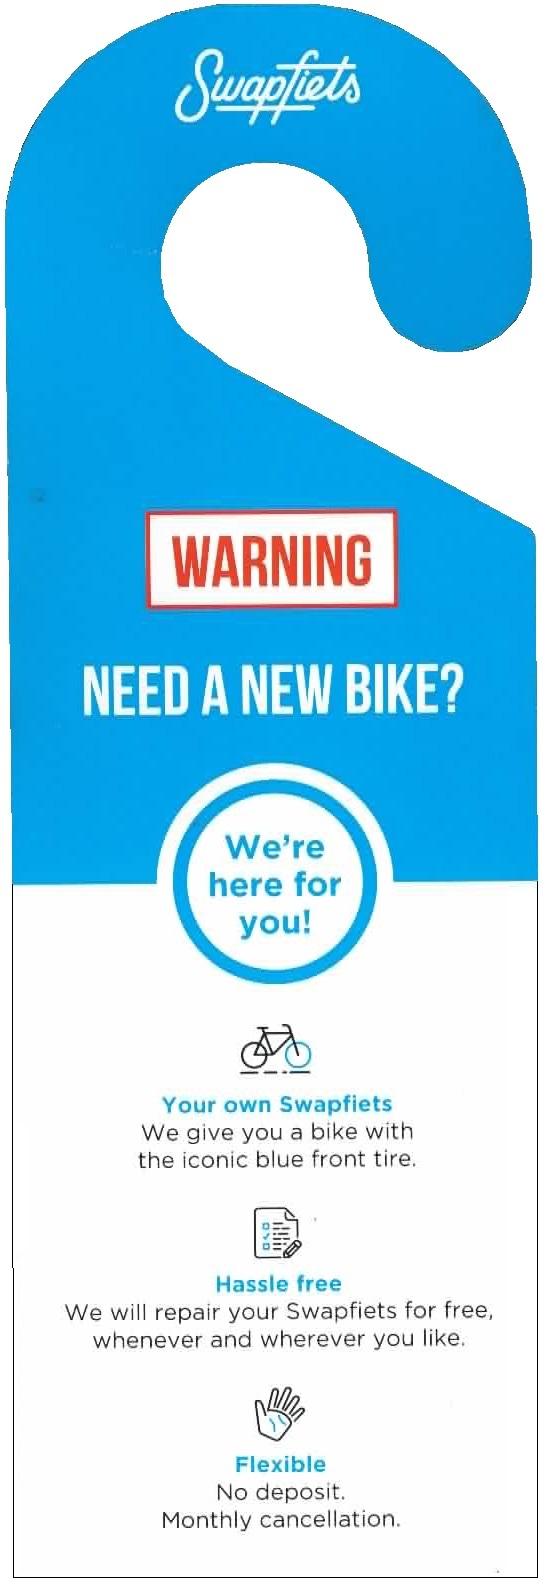 Fahrrad Leasing Swapfiets Anhänger 2